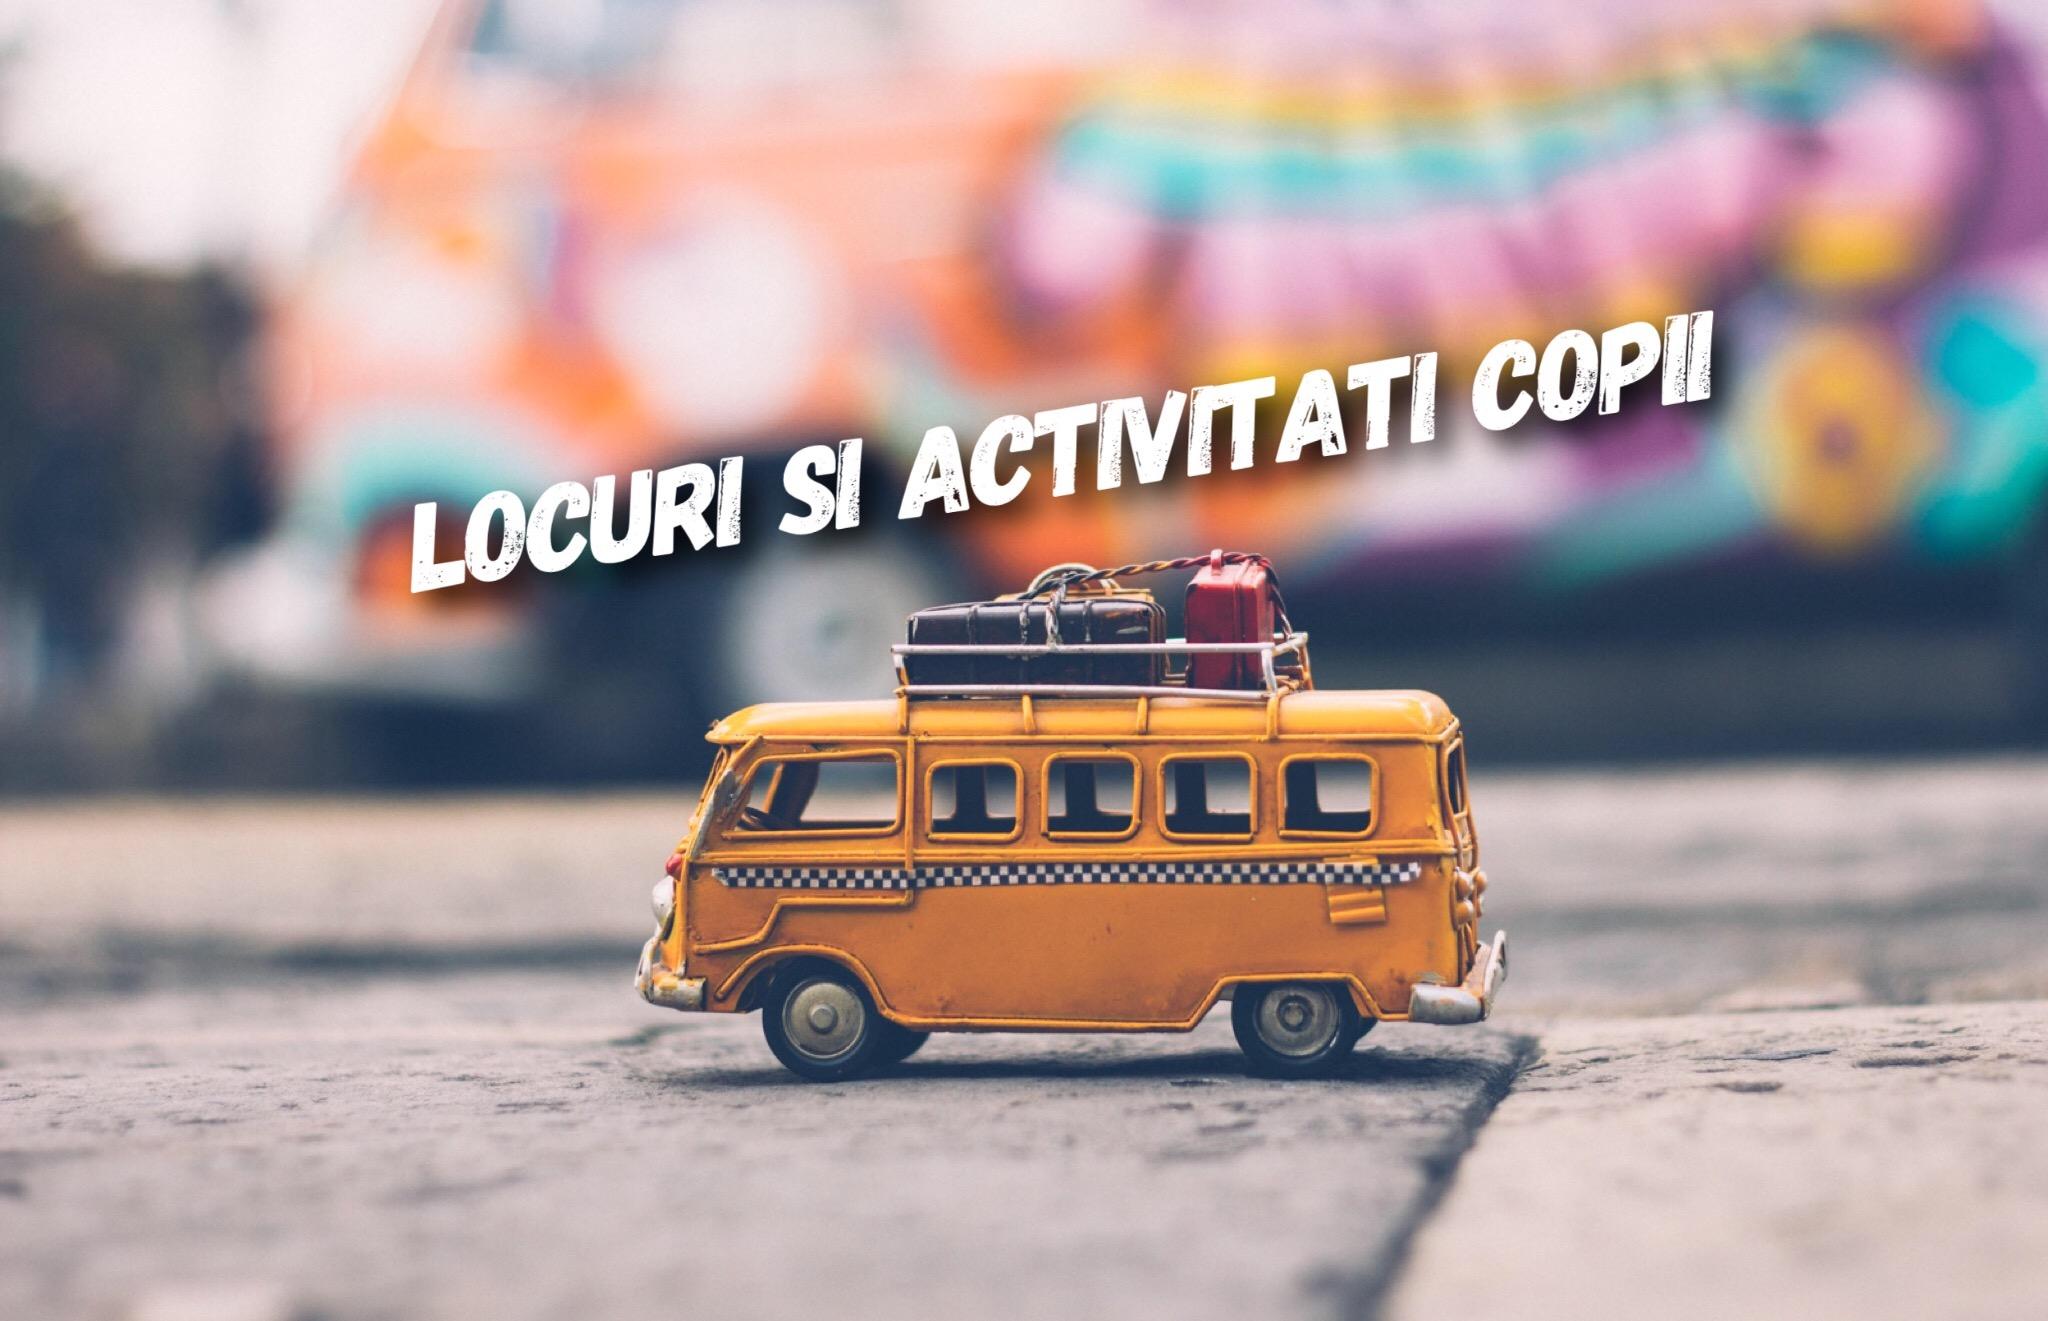 Locuri și activități pentru copii în Cluj și în apropiere